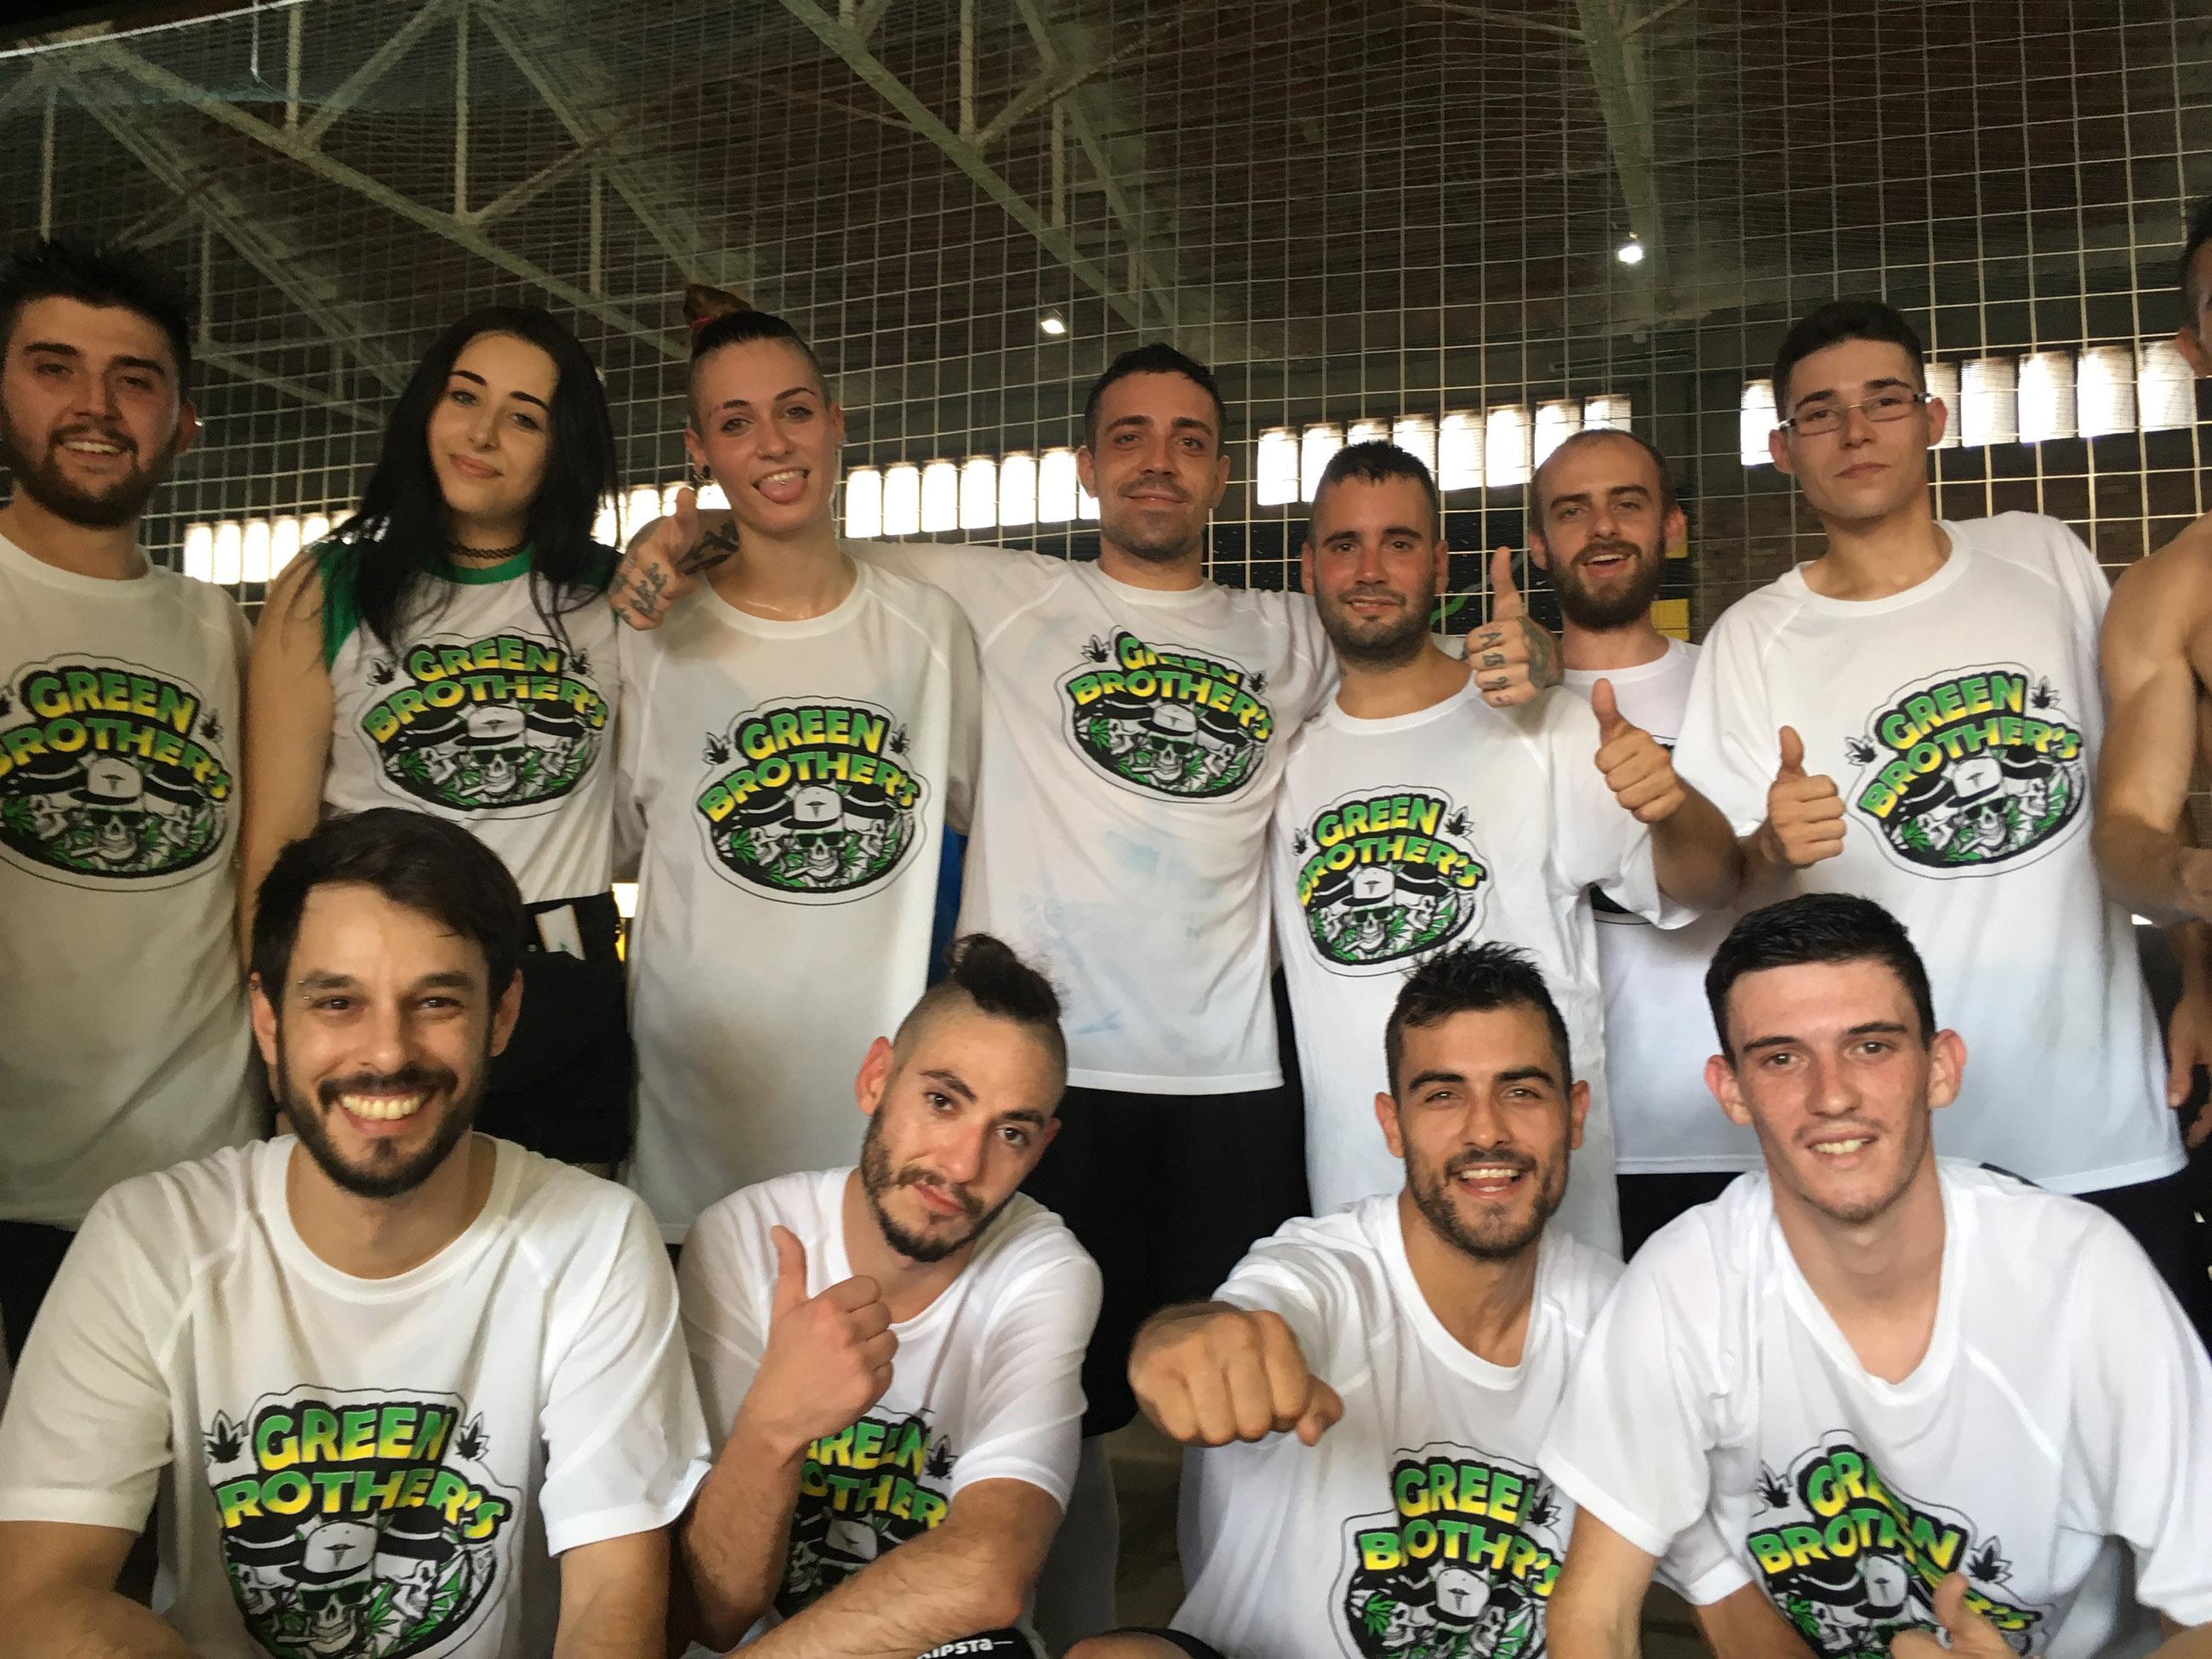 Een foto van de Green Brothers, genomen voor de Mary Jane Football League. Hoewel de naam anders doet vermoeden, spelen er ook vrouwen in het team van Green Brothers. De elf mannelijke en vrouwelijke spelers dragen witte T-shirts van de cannabisapotheek Green Brothers, die is gevestigd in Barcelona.